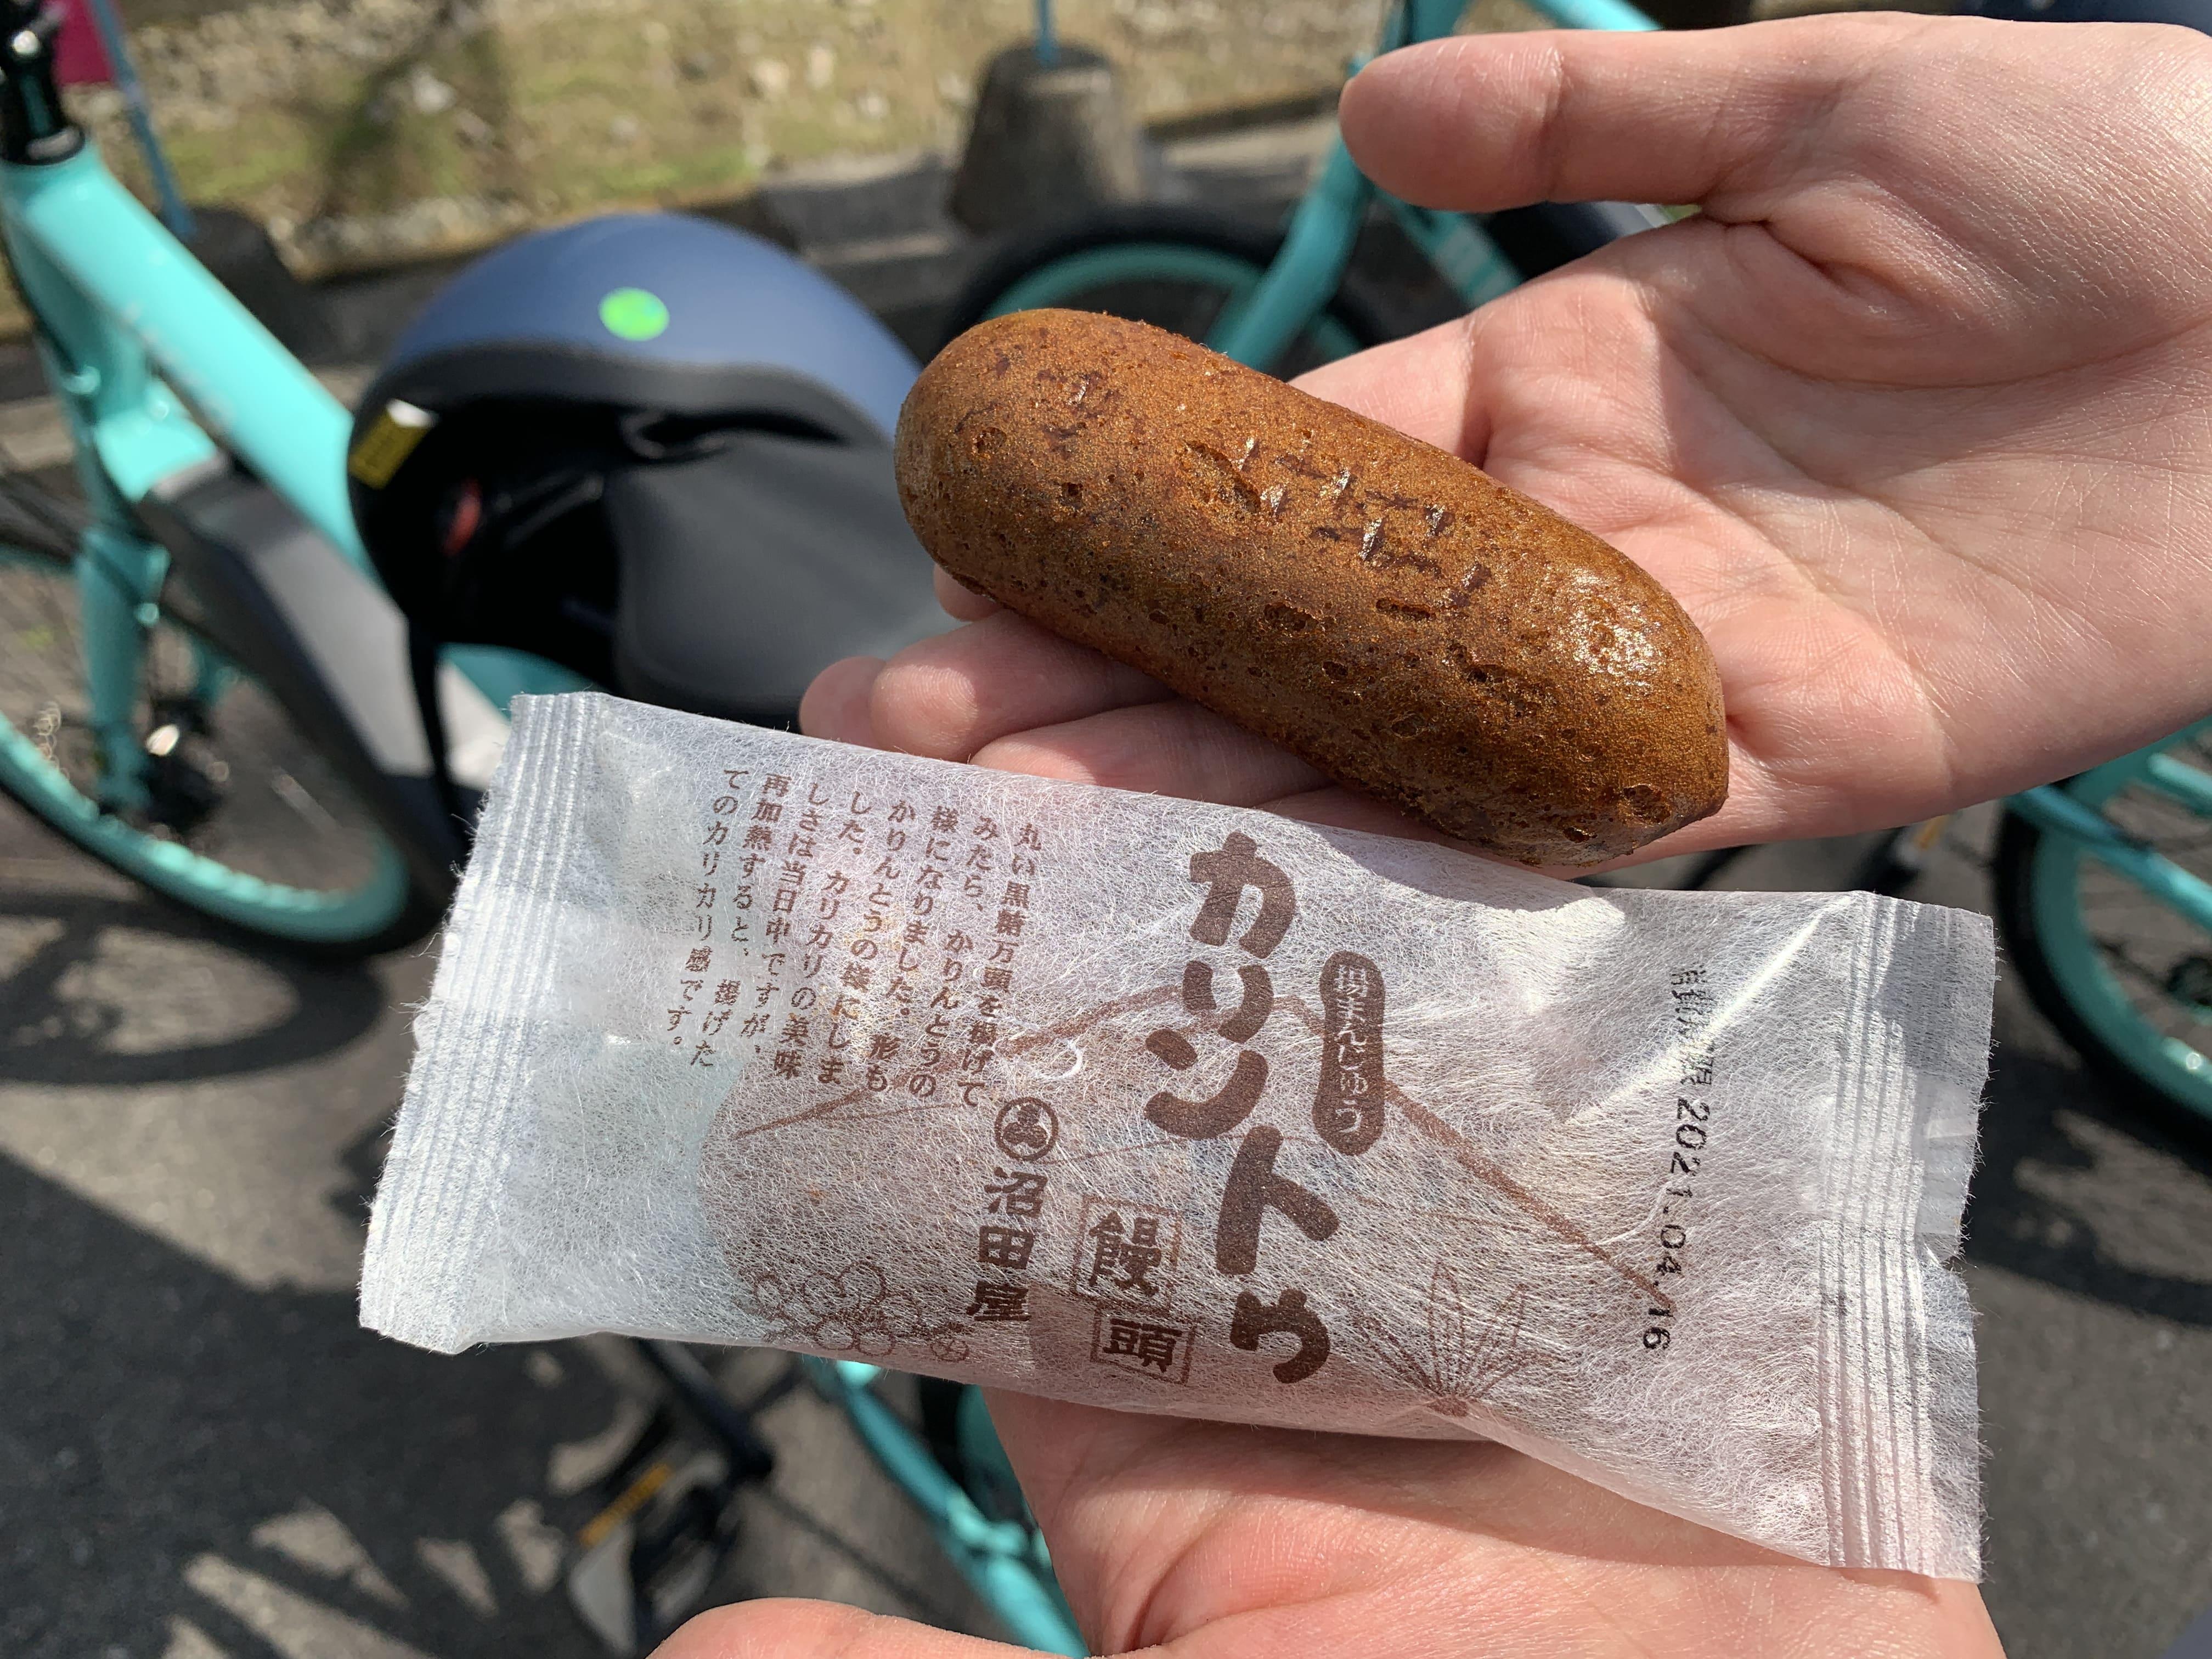 最初の鳥居すぐの老舗和菓子店「沼田屋」。黒糖を使った揚げ饅頭「カリントウ饅頭」は大人気。周辺は交通量が多いので乗降は気をつけて。